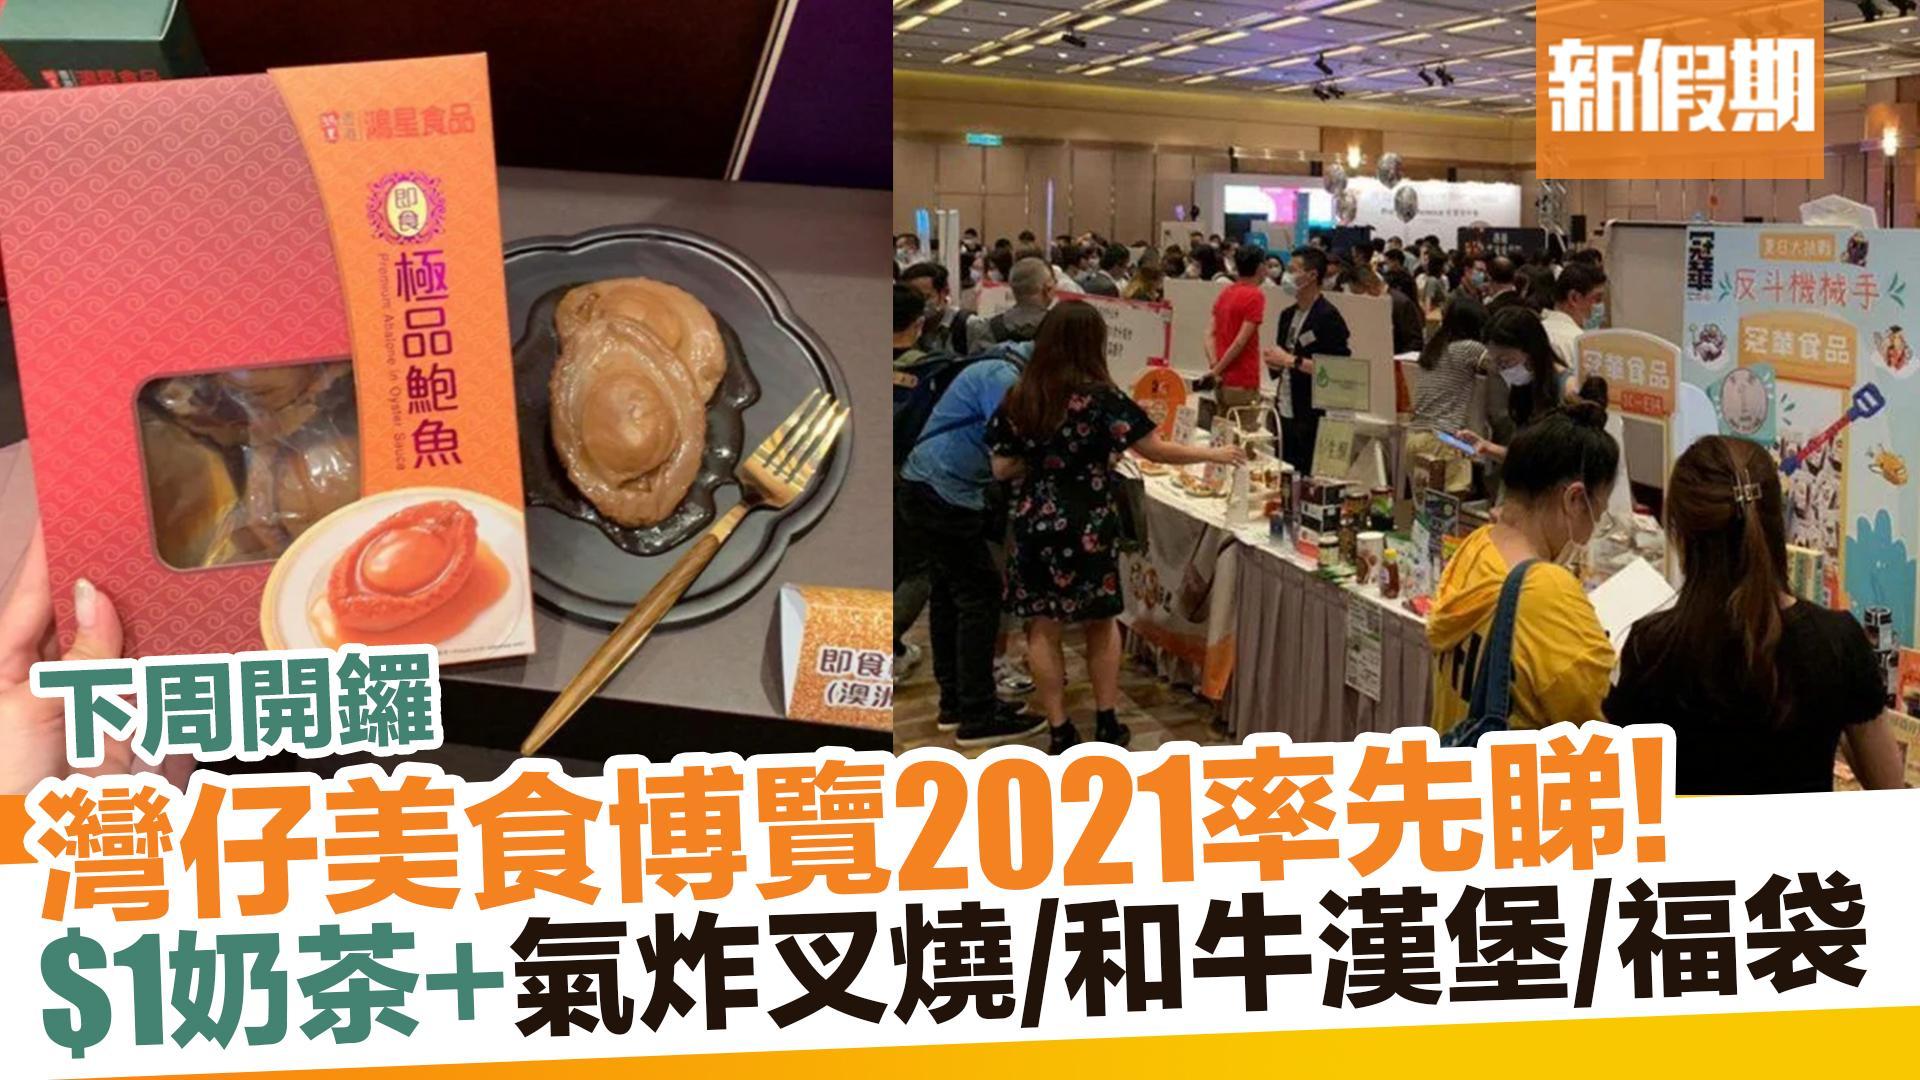 【美食博覽2021】會展8月一連5日  超過880攤檔 率先睇$1優惠/福袋/減價產品 新假期